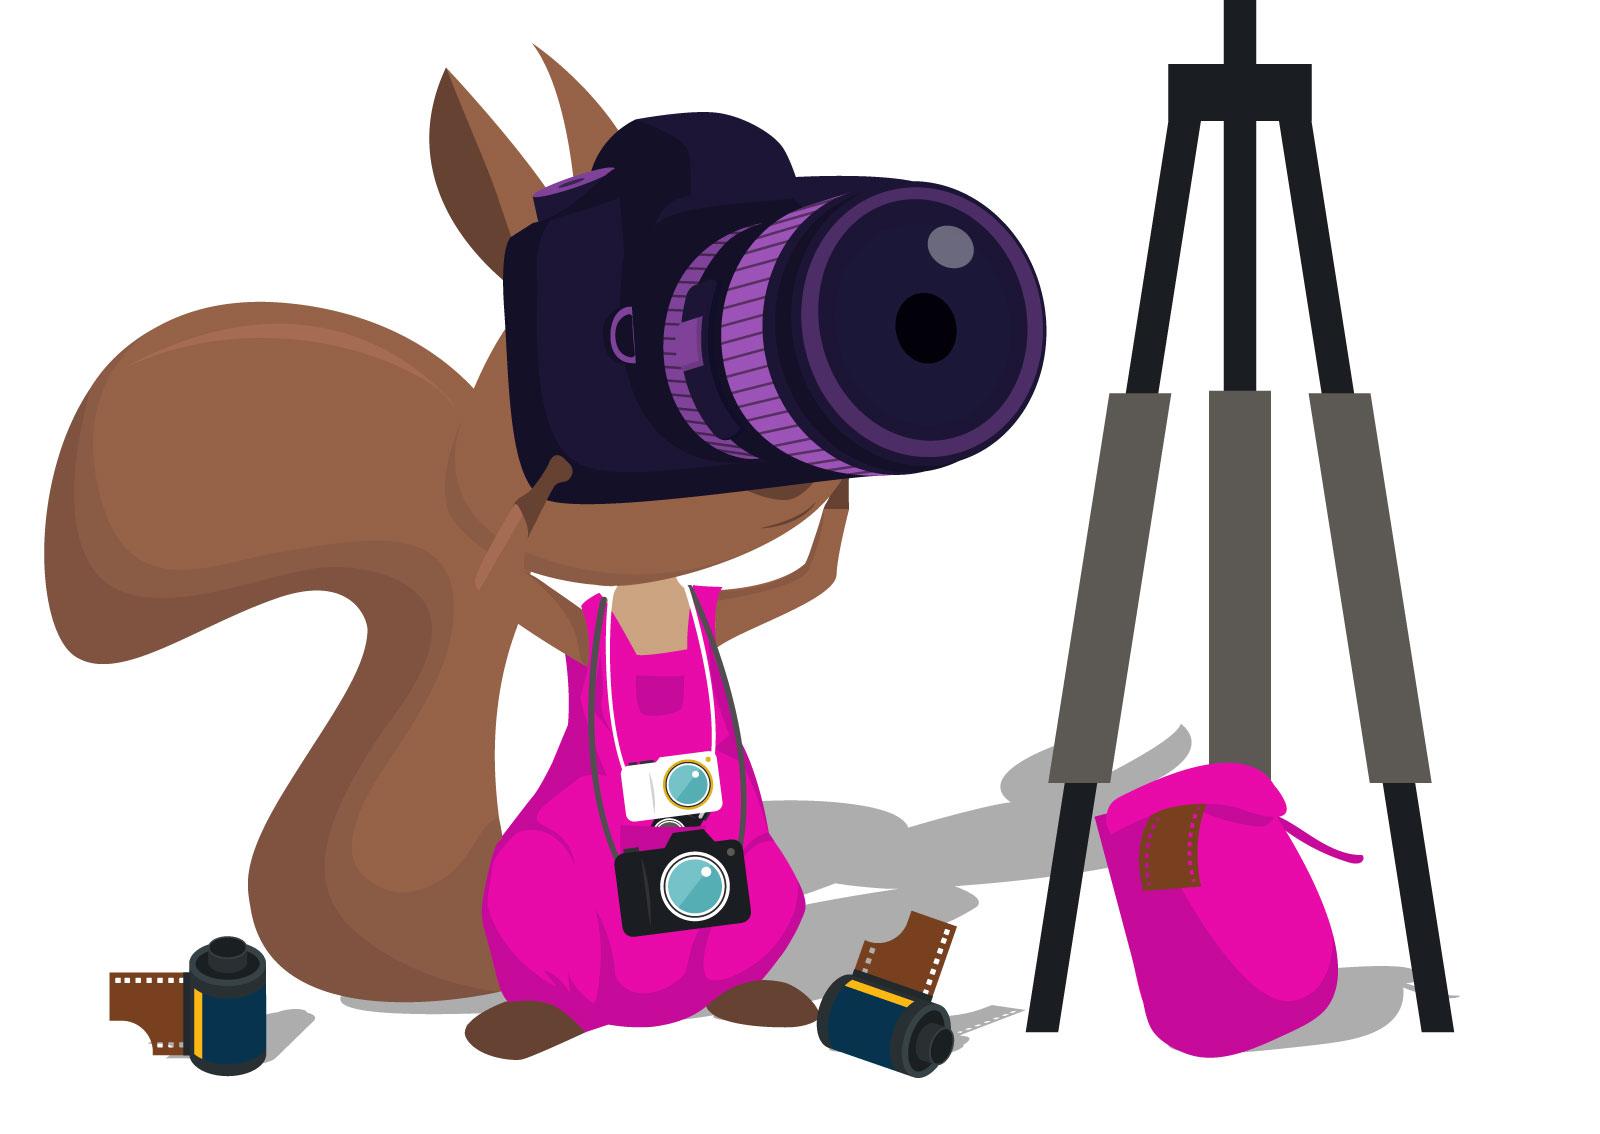 Ilustracija veverice sa fotoaparatom koji slika za Google My Business